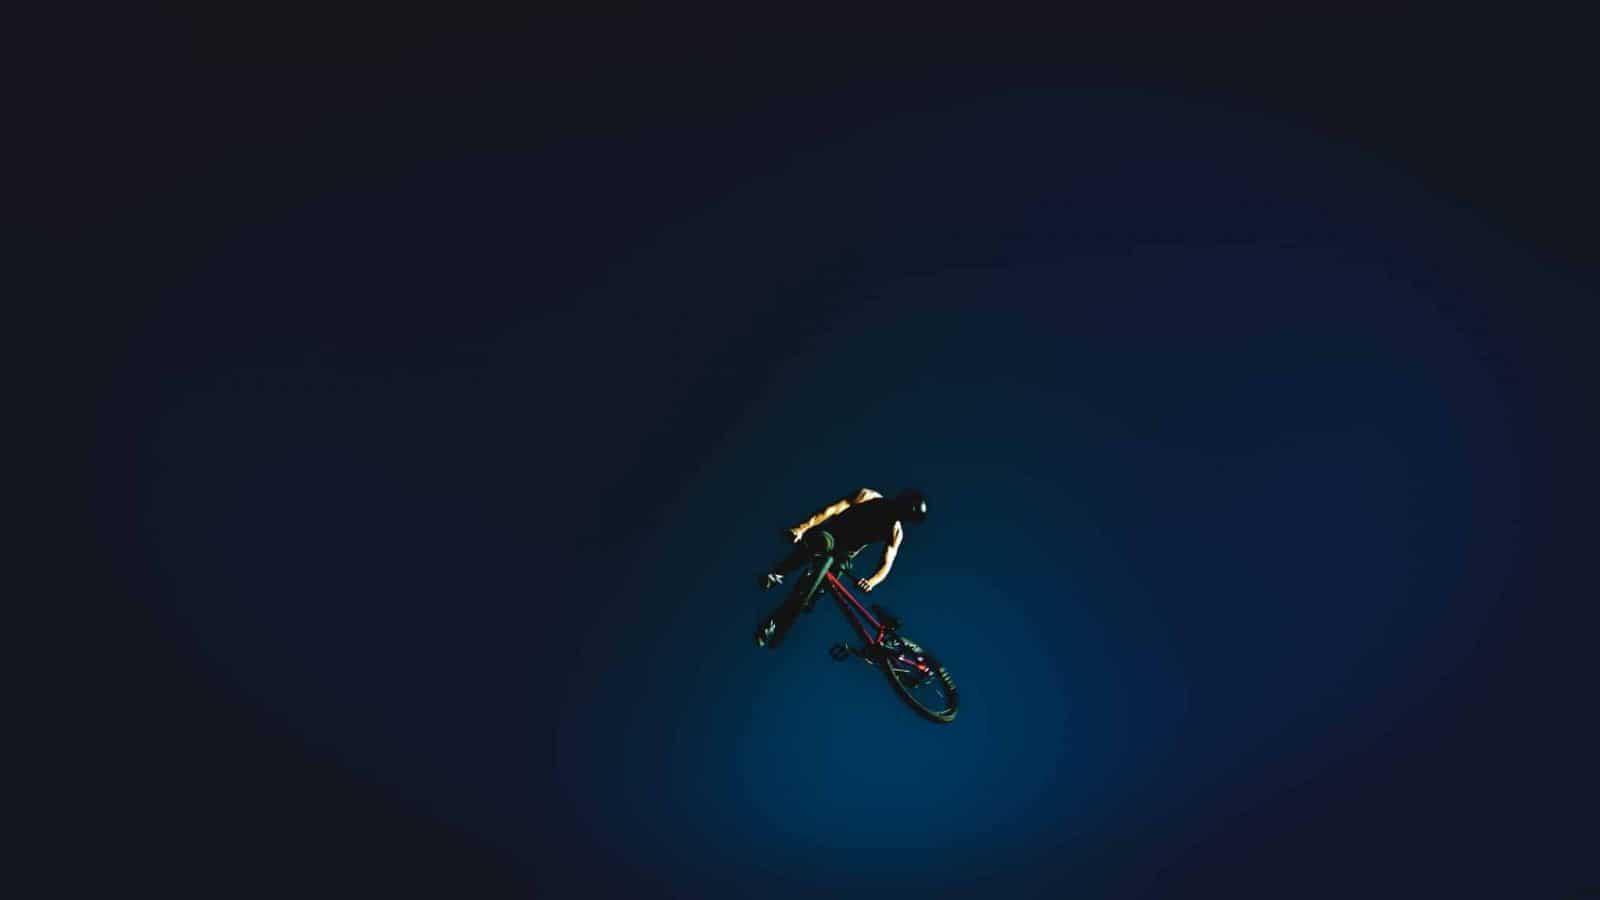 ein biker in der luft